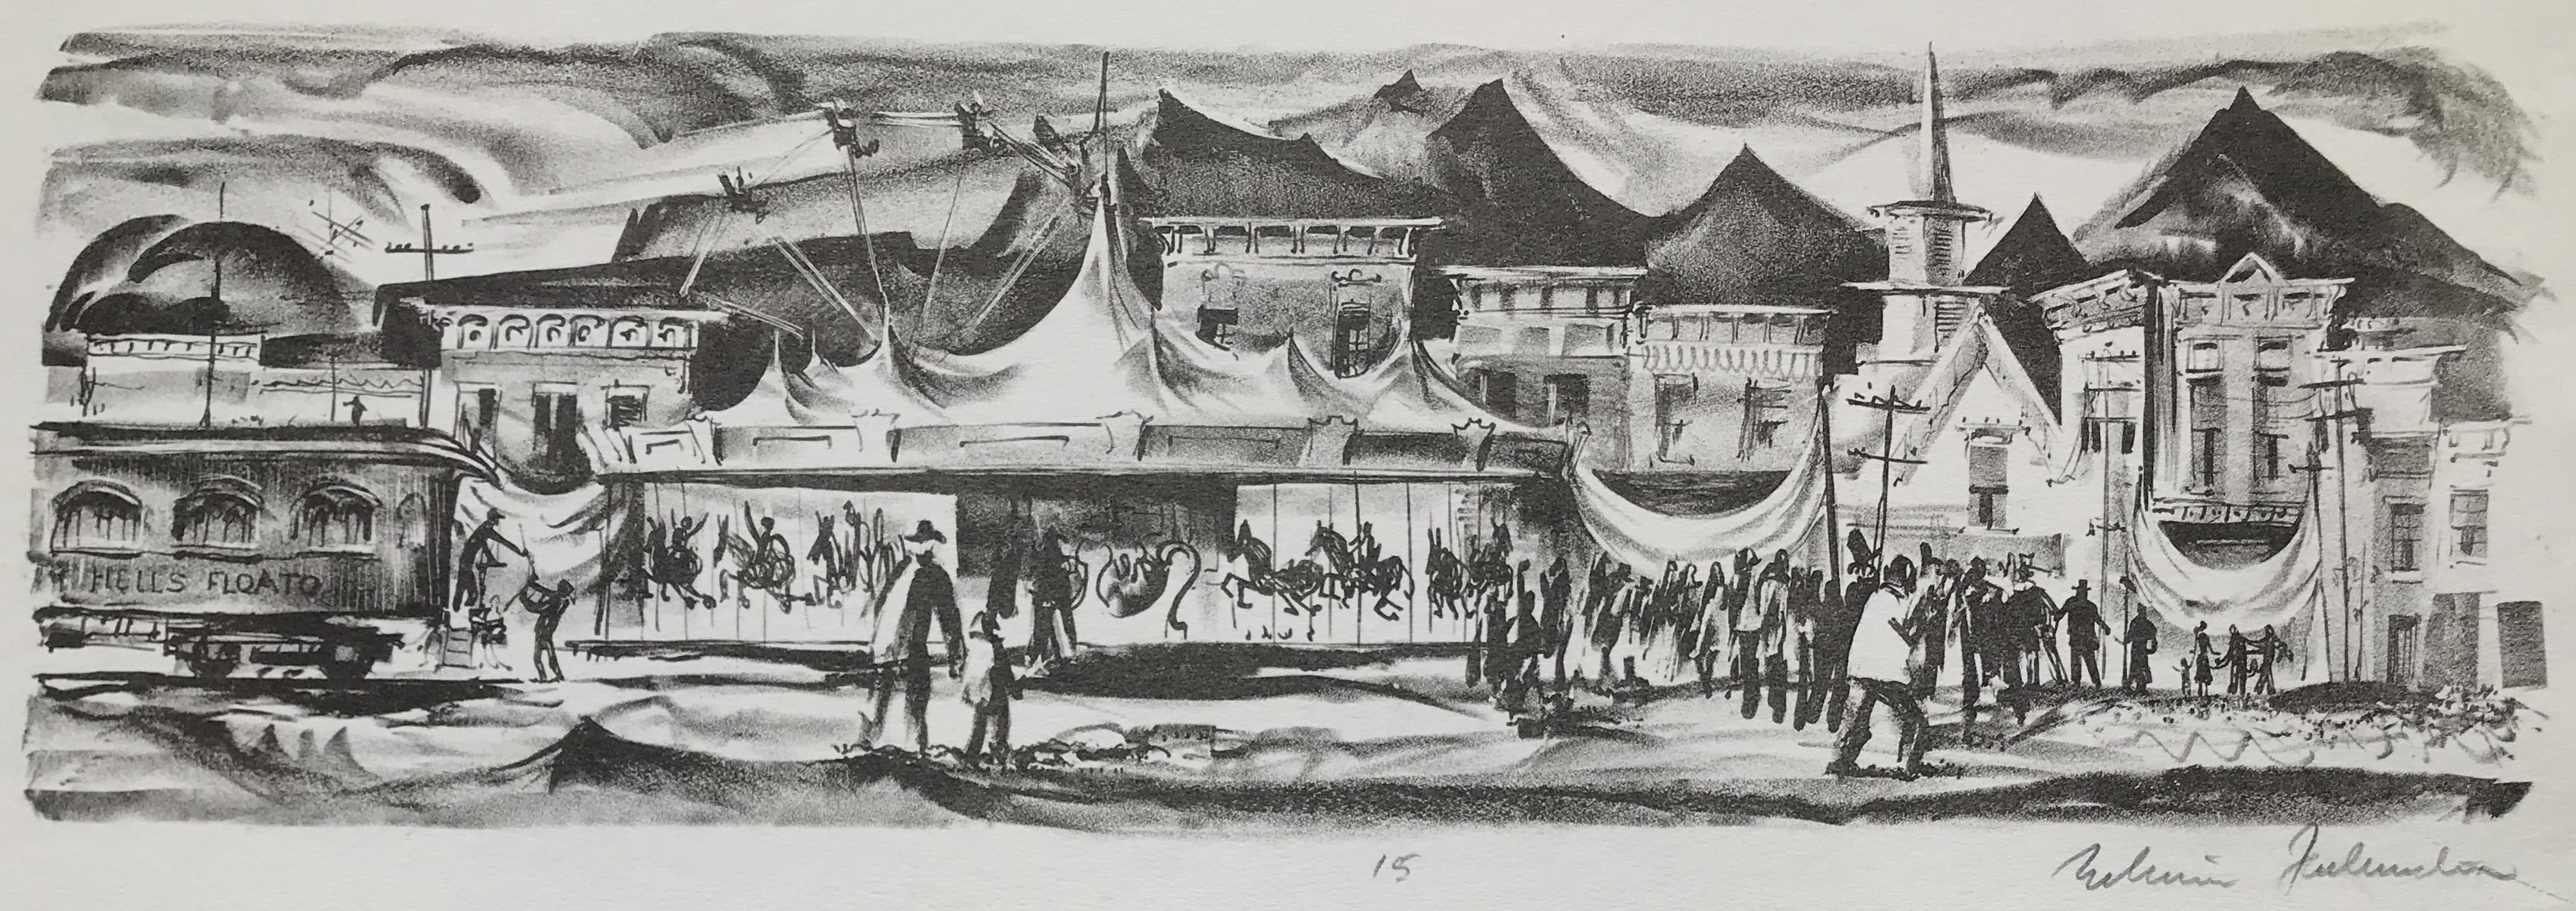 alt Street Fair